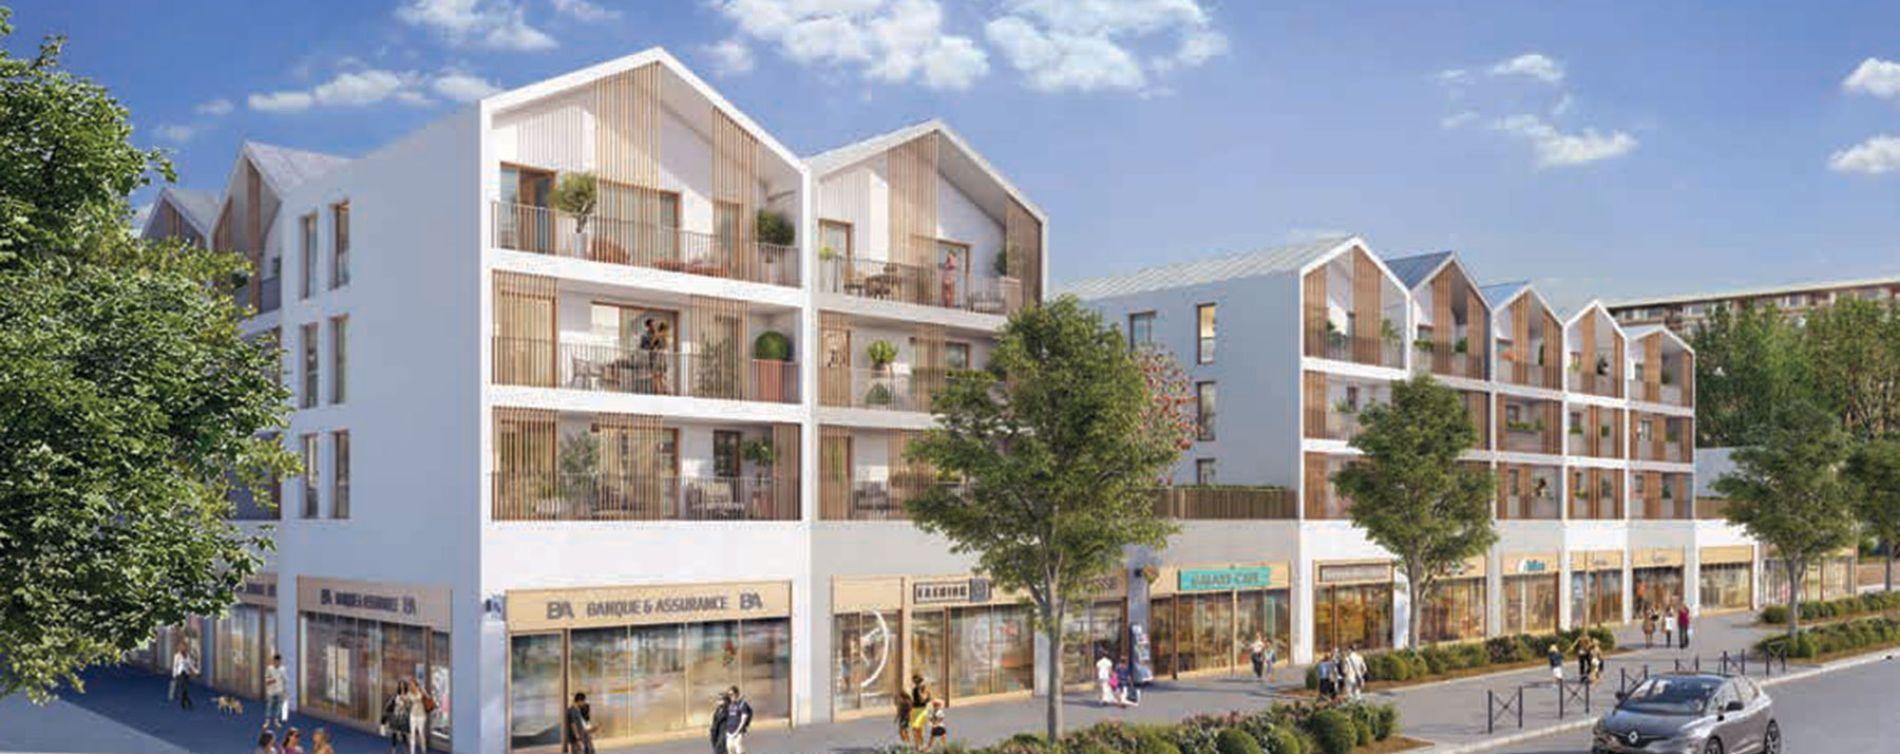 Garges-lès-Gonesse : programme immobilier neuve « Programme immobilier n°217732 » en Loi Pinel